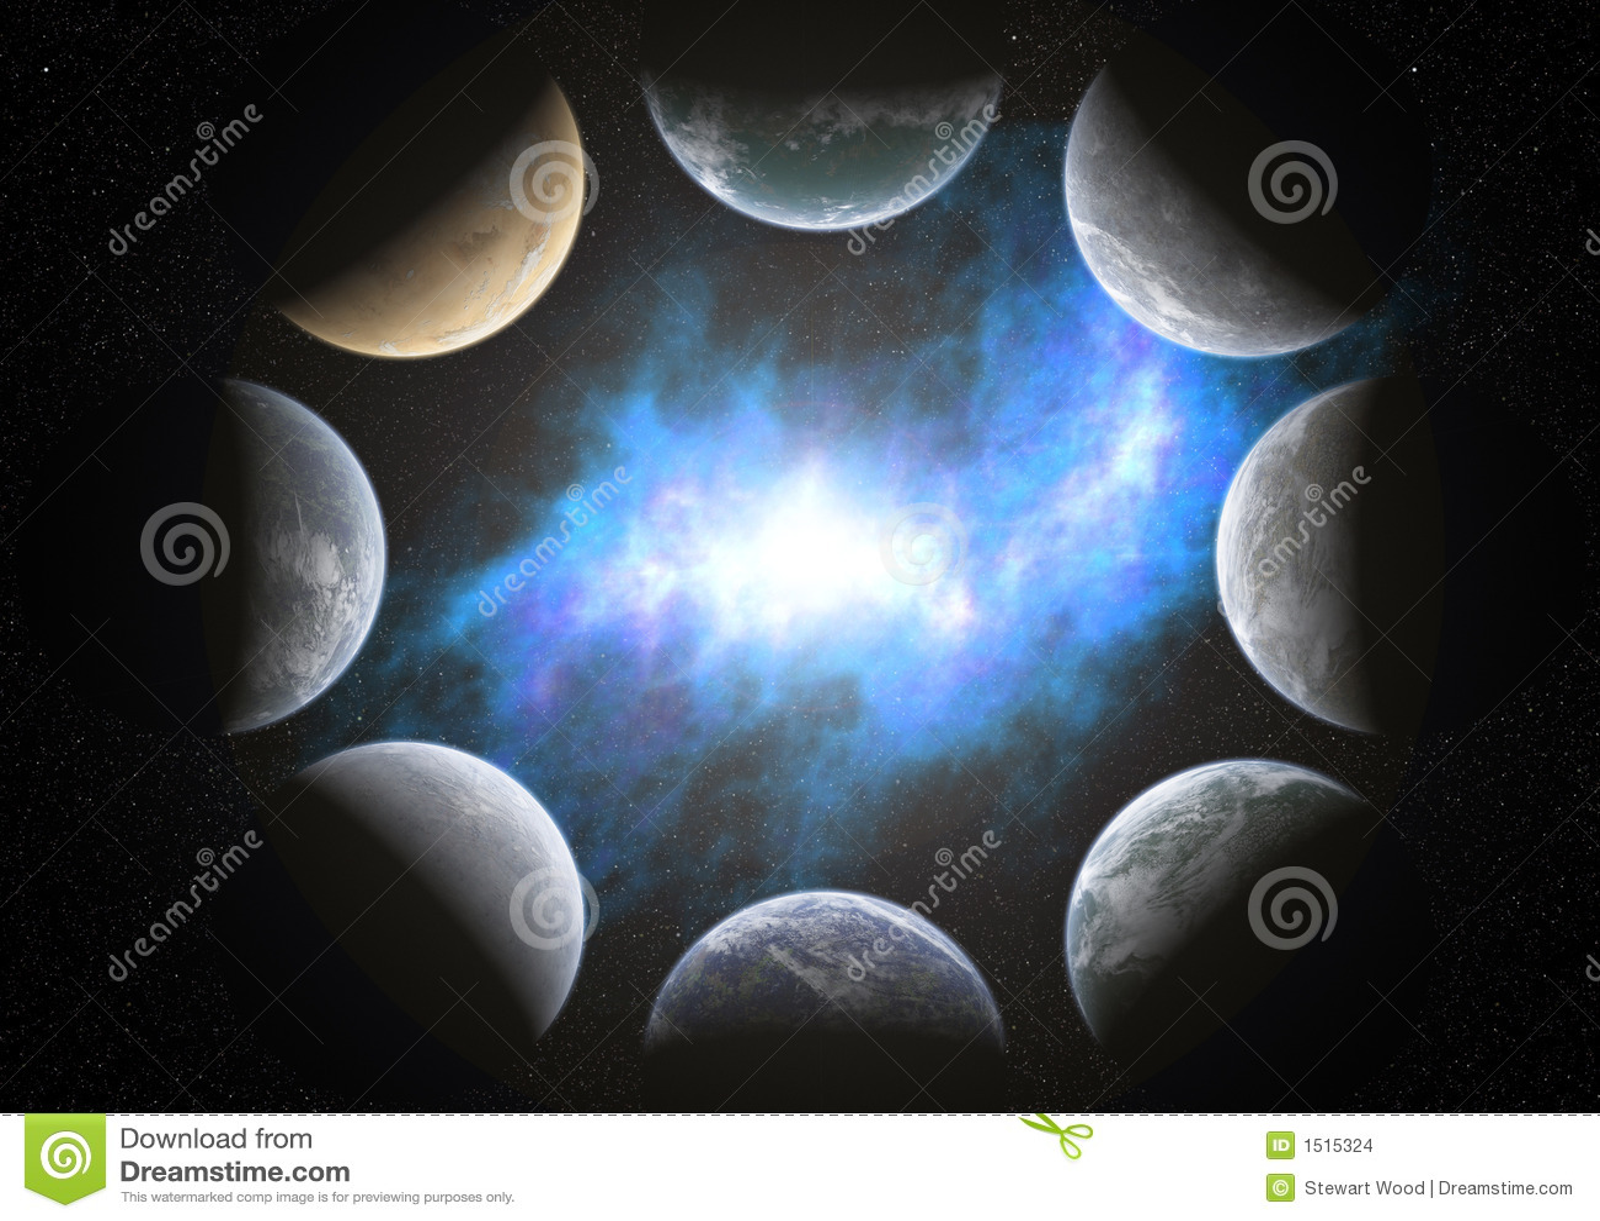 Ilustração Gratis Espaço Todos Os Universo Cosmos: 8 Planetas Em Torno De Uma Nebulosa Ilustração Stock